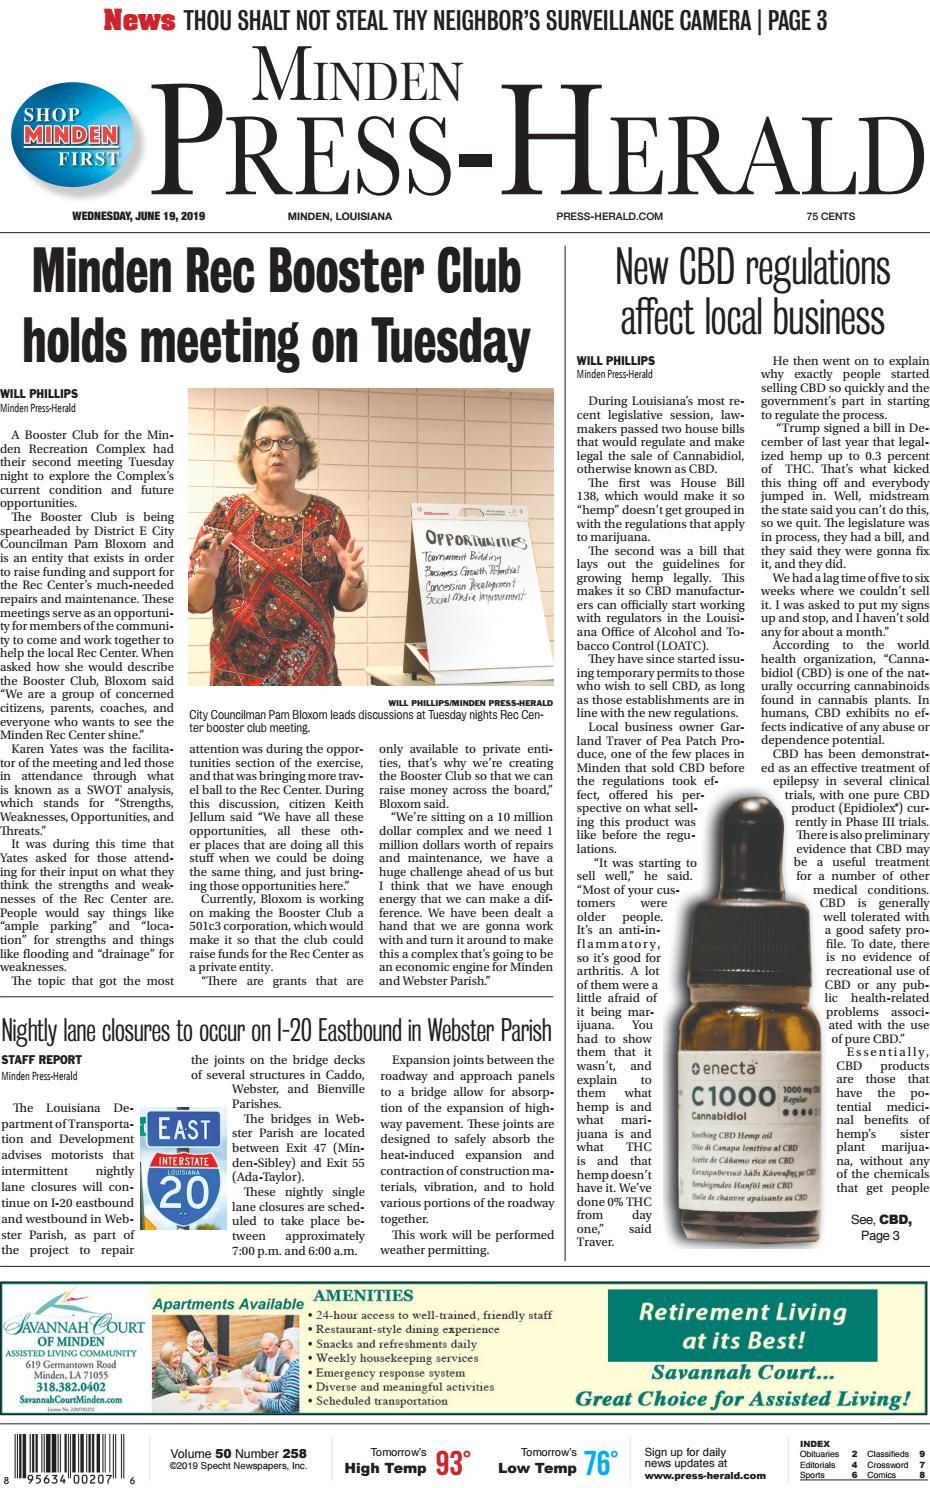 Minden Press-Herald E-Edition 06-19-2019 by Minden Press-Herald - issuu